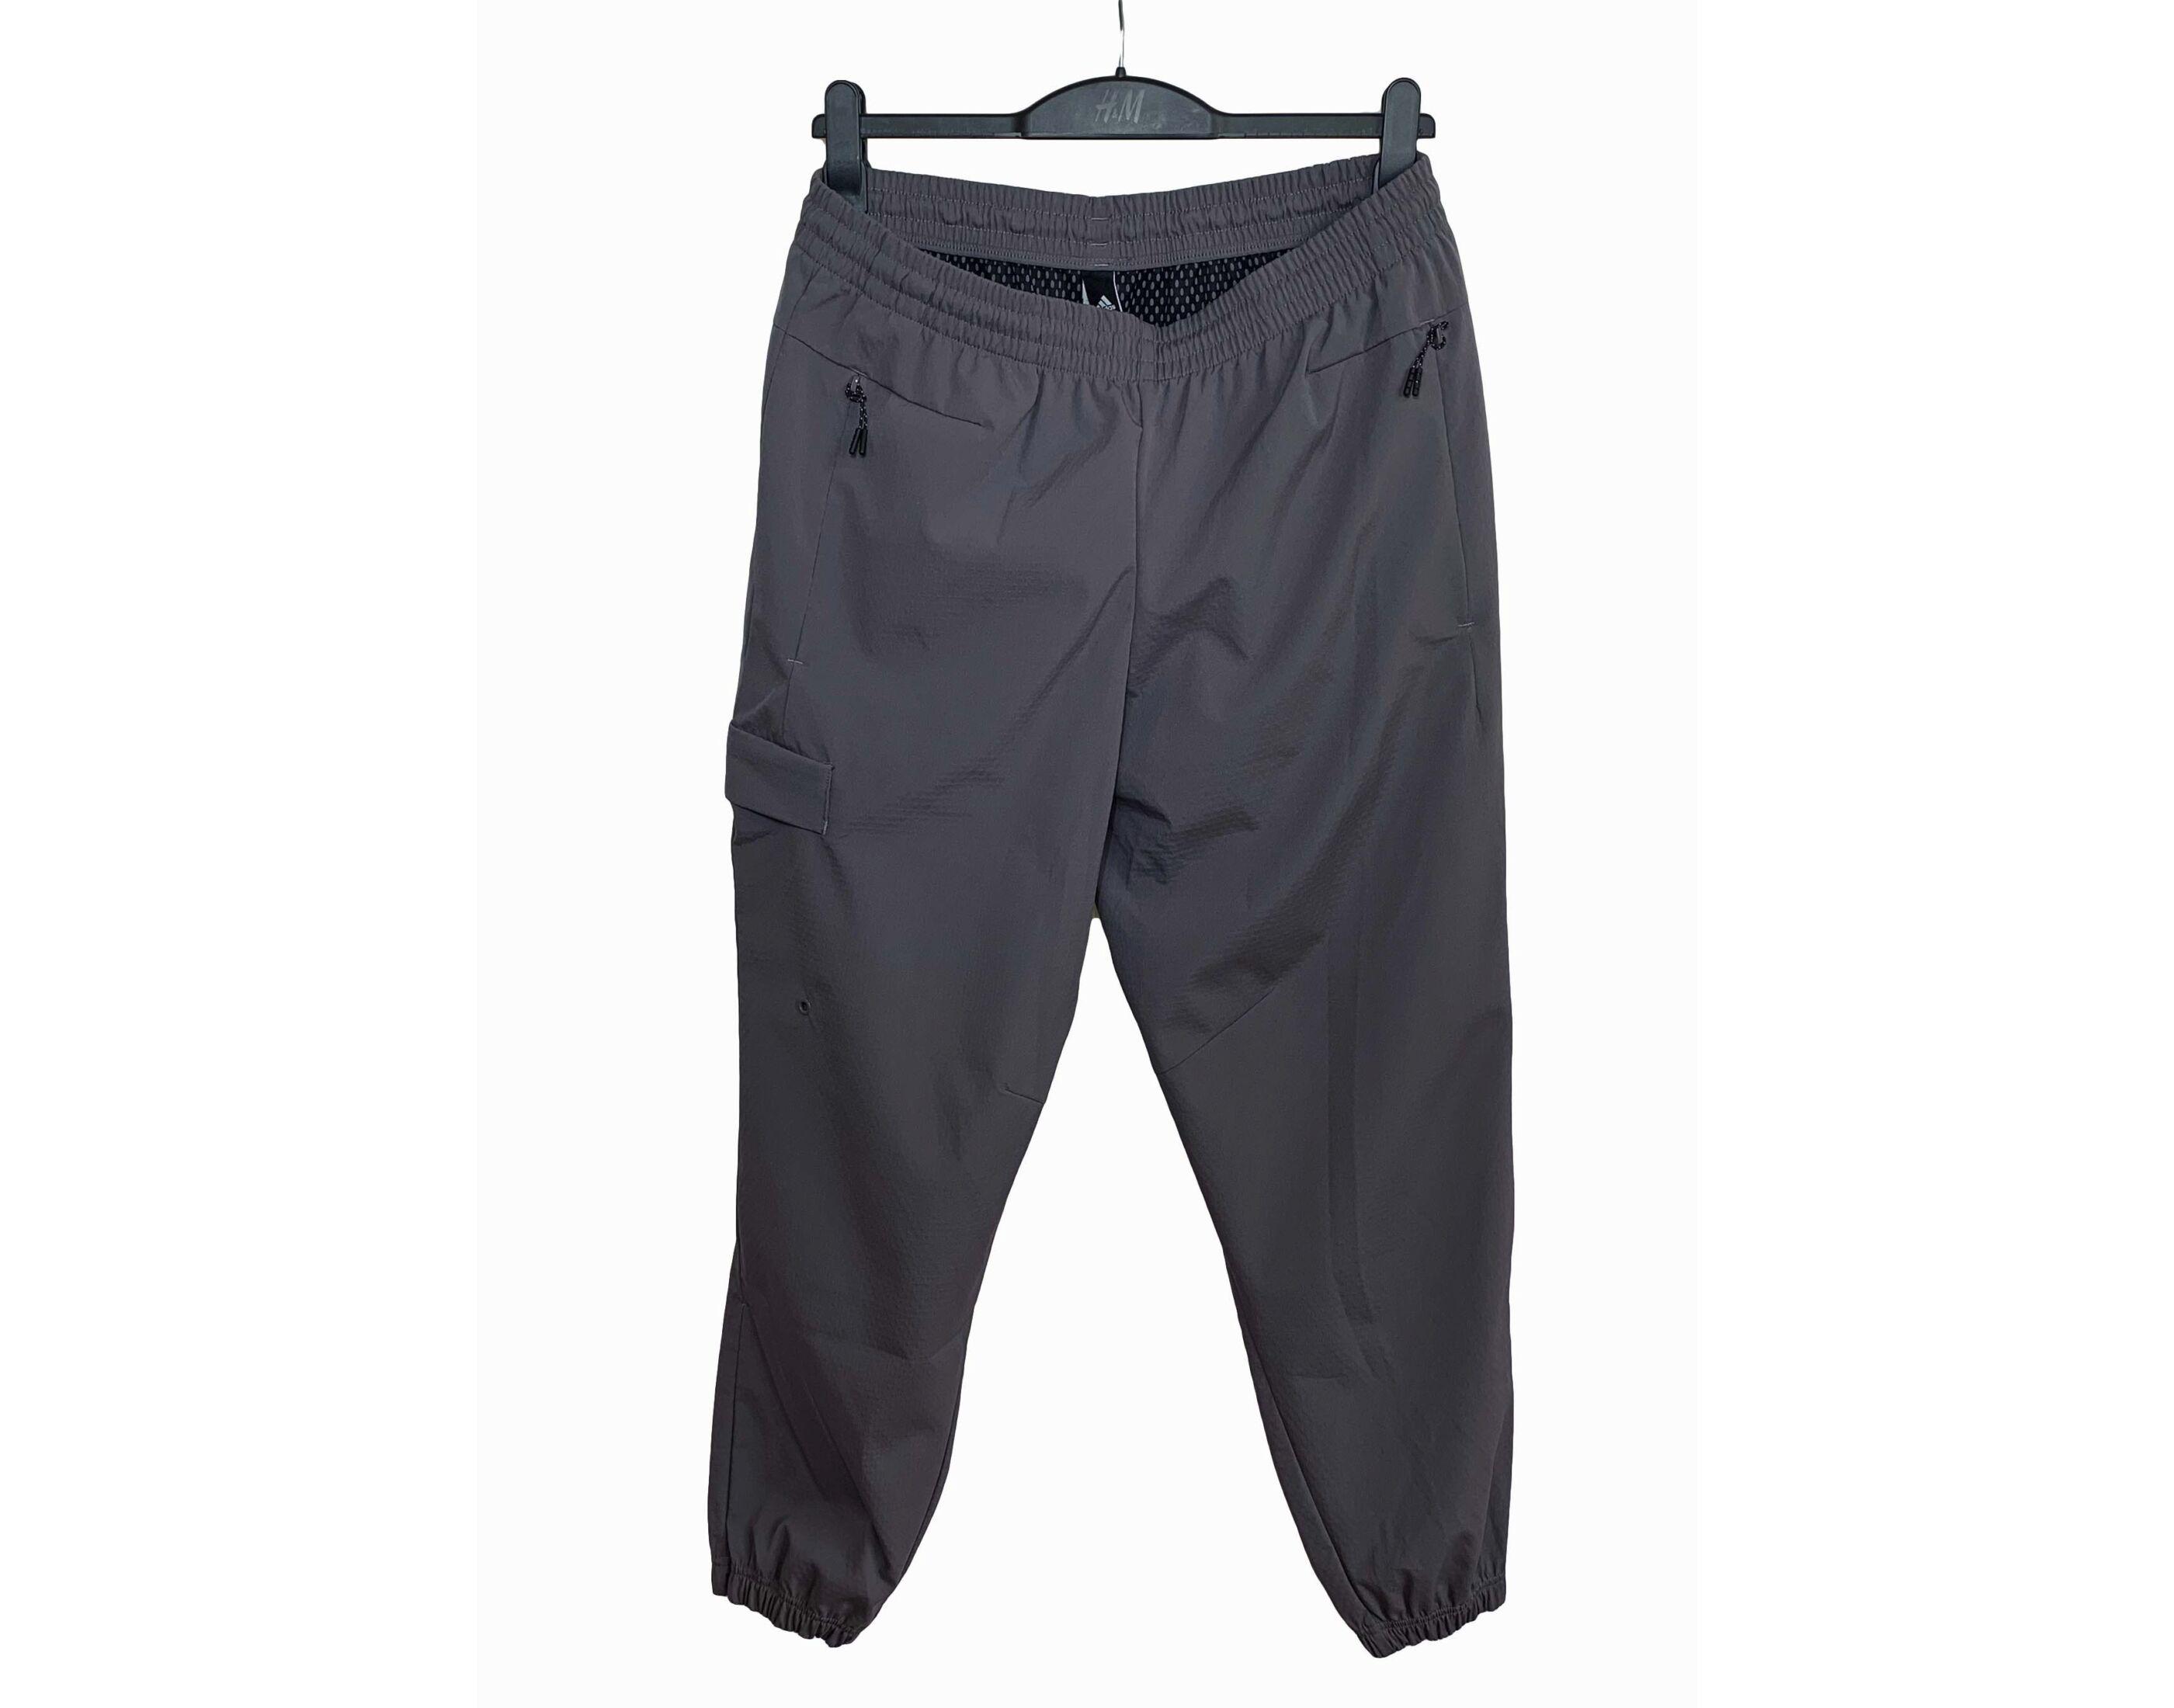 Adidas bemelegítő nadrág (M)